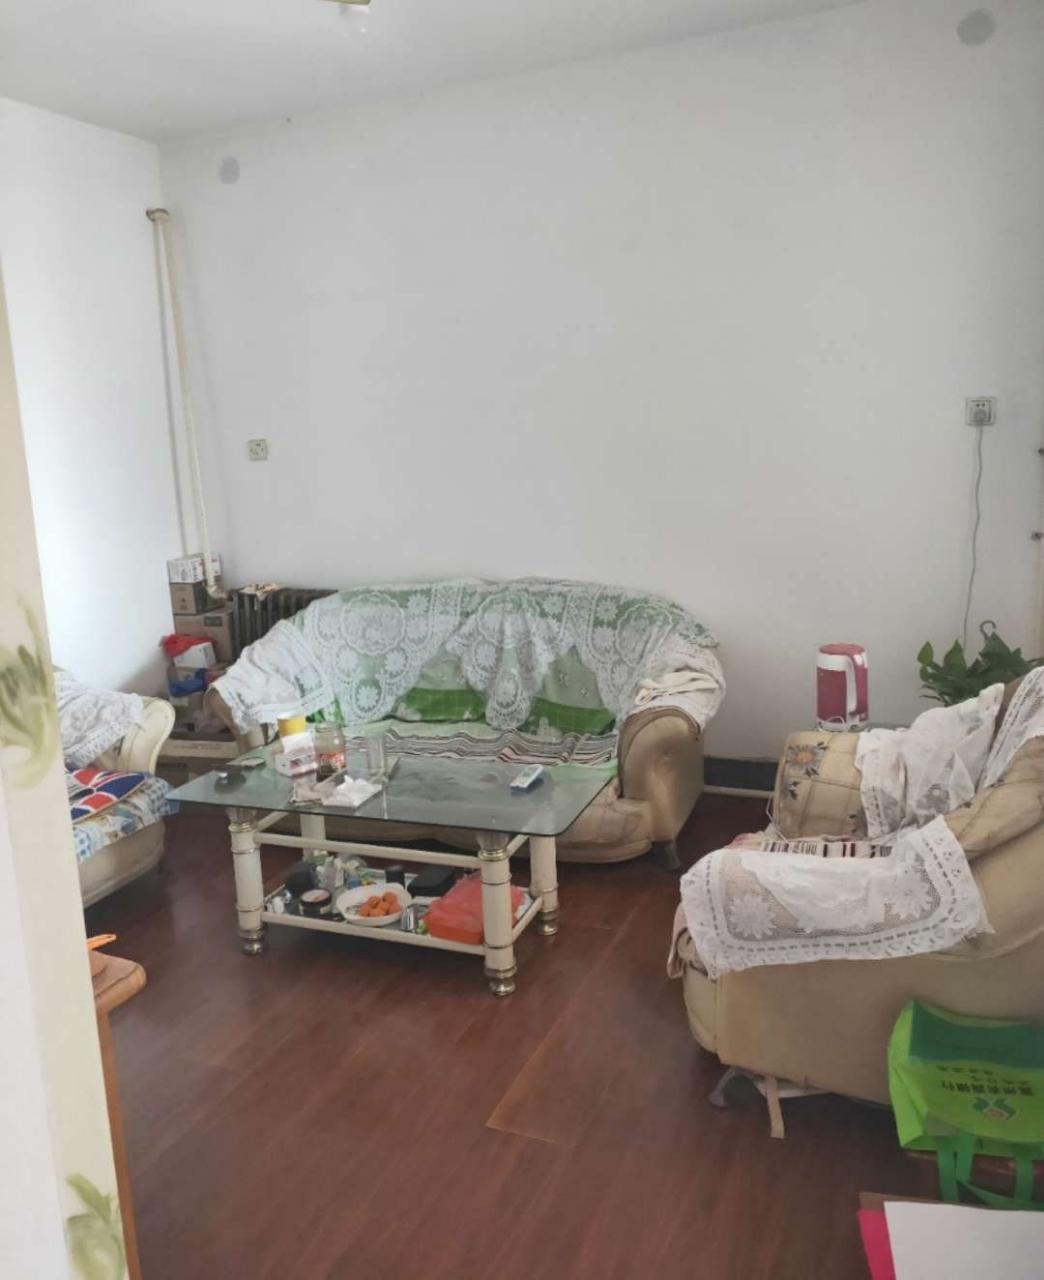 棉纺厂商住楼3室 1厅 1卫53万元